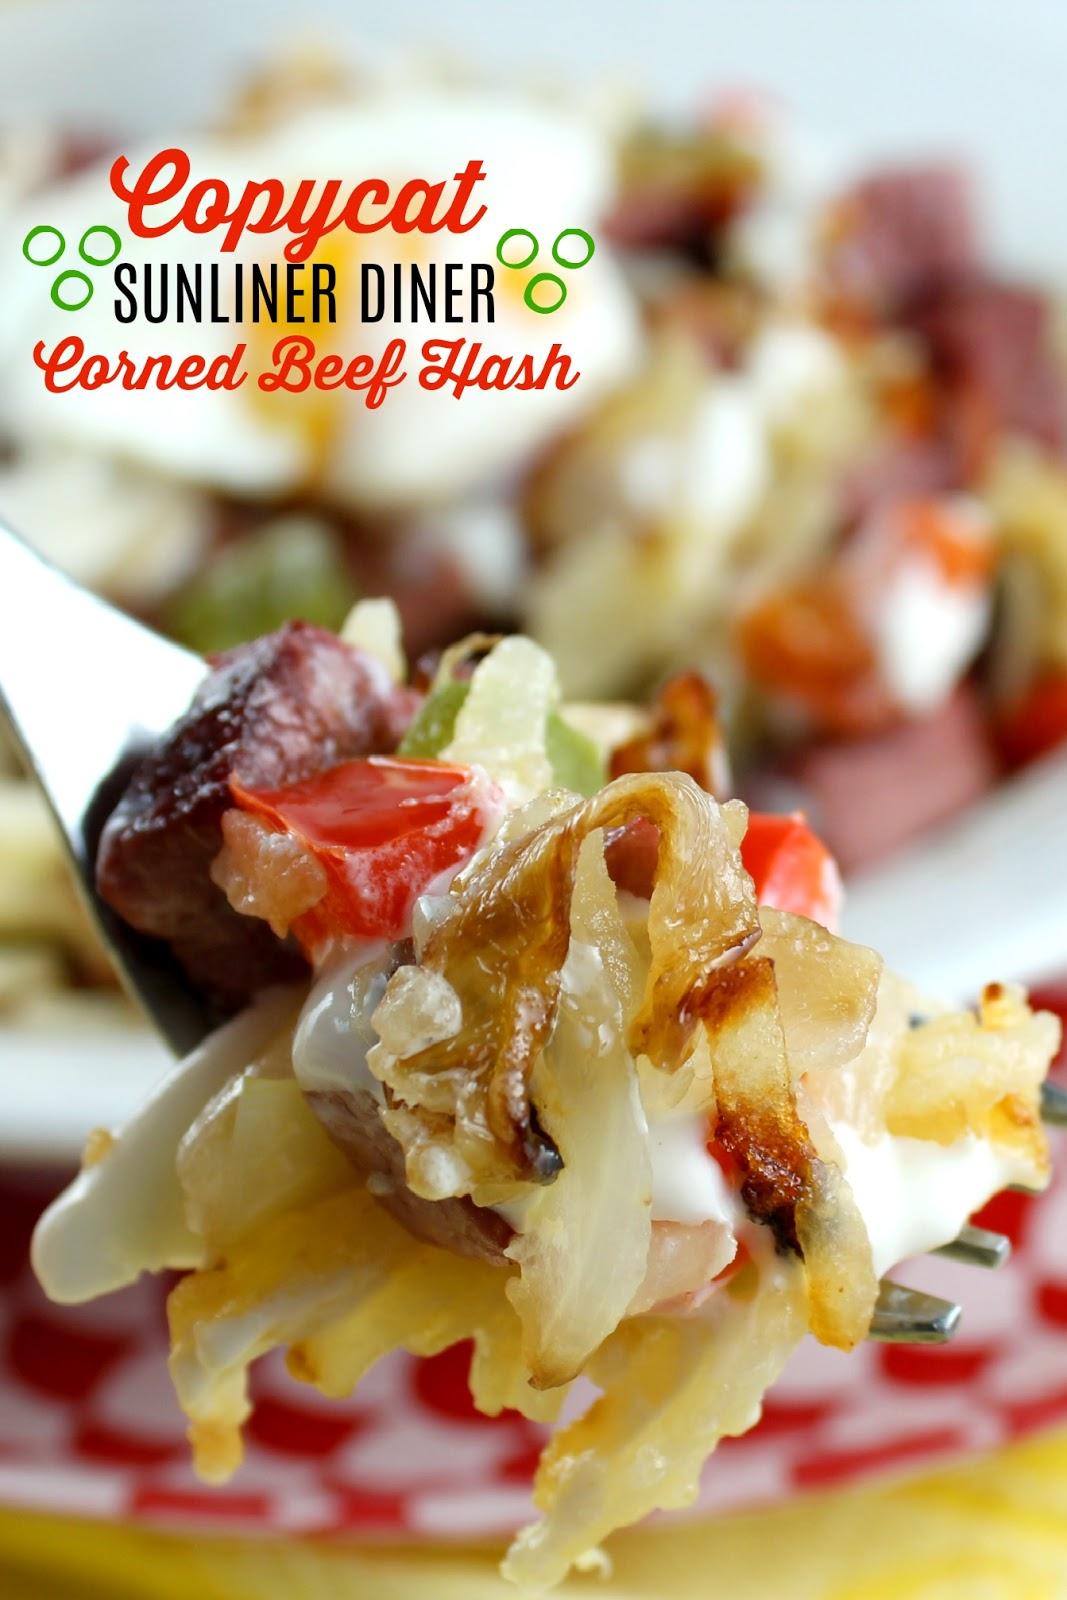 Recipe: Copycat Sunliner Diner Corned Beef Hash